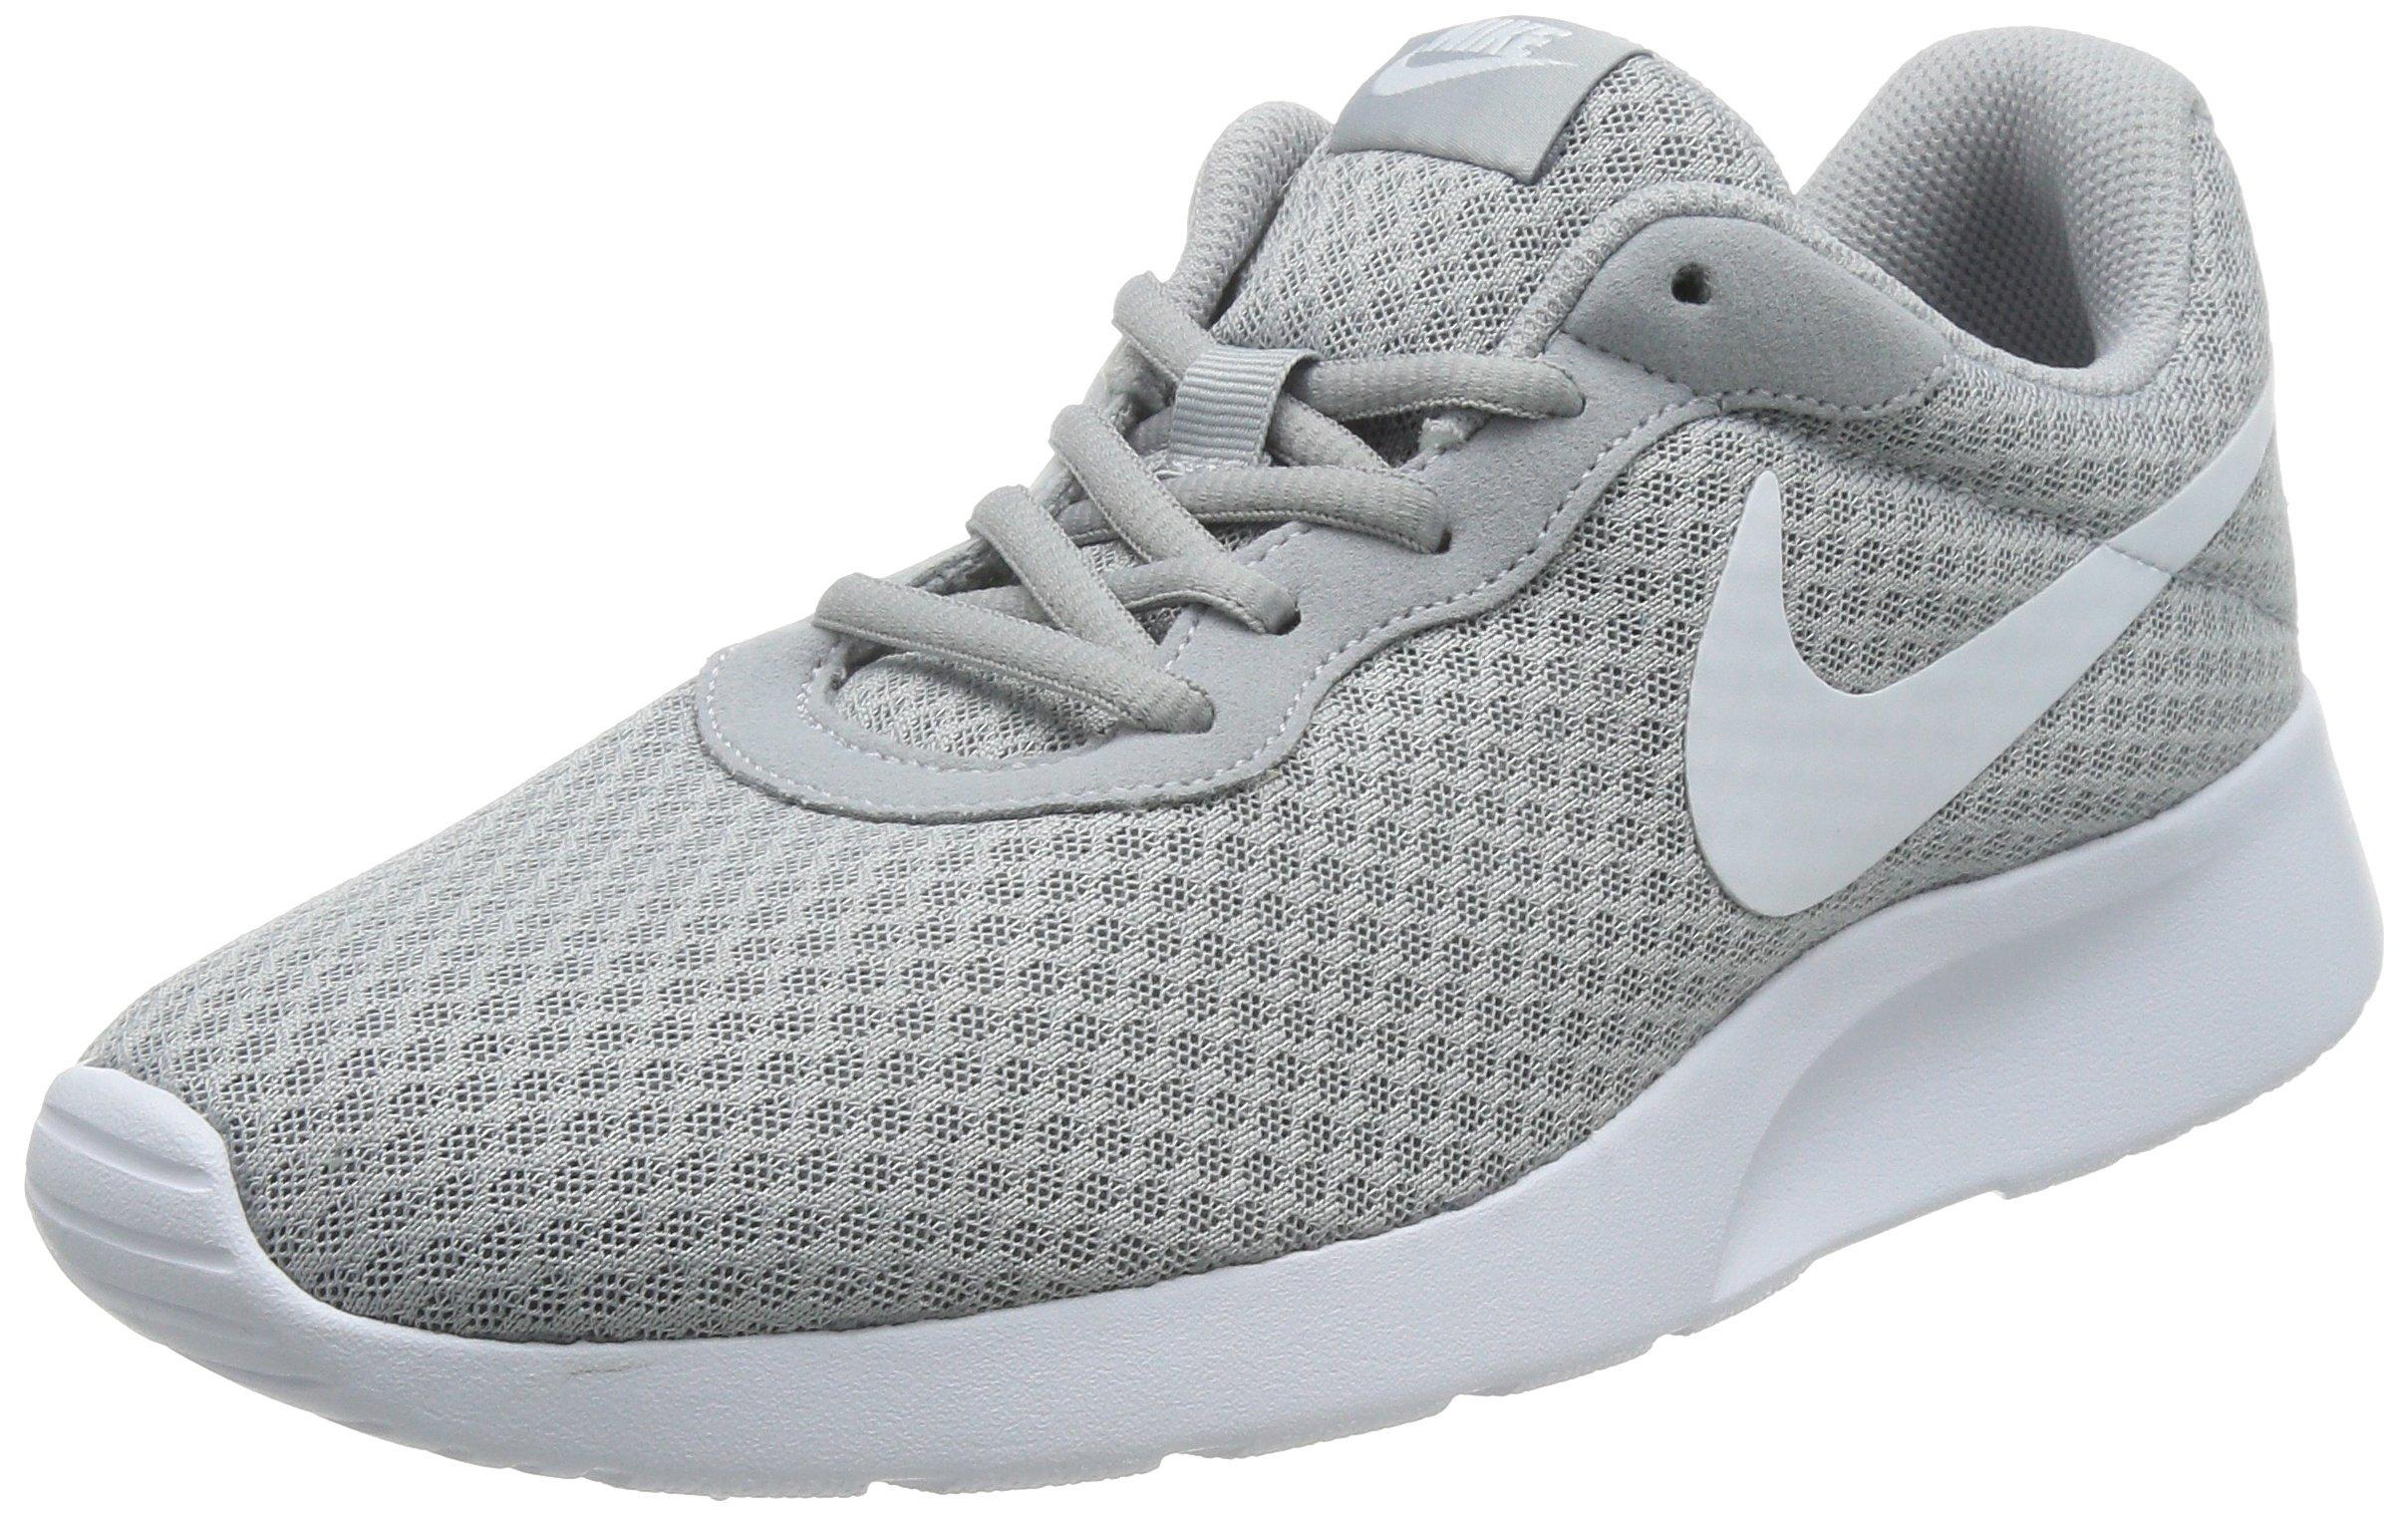 Nike Mens Tanjun Running Sneaker Wolf Grey/White 8.5